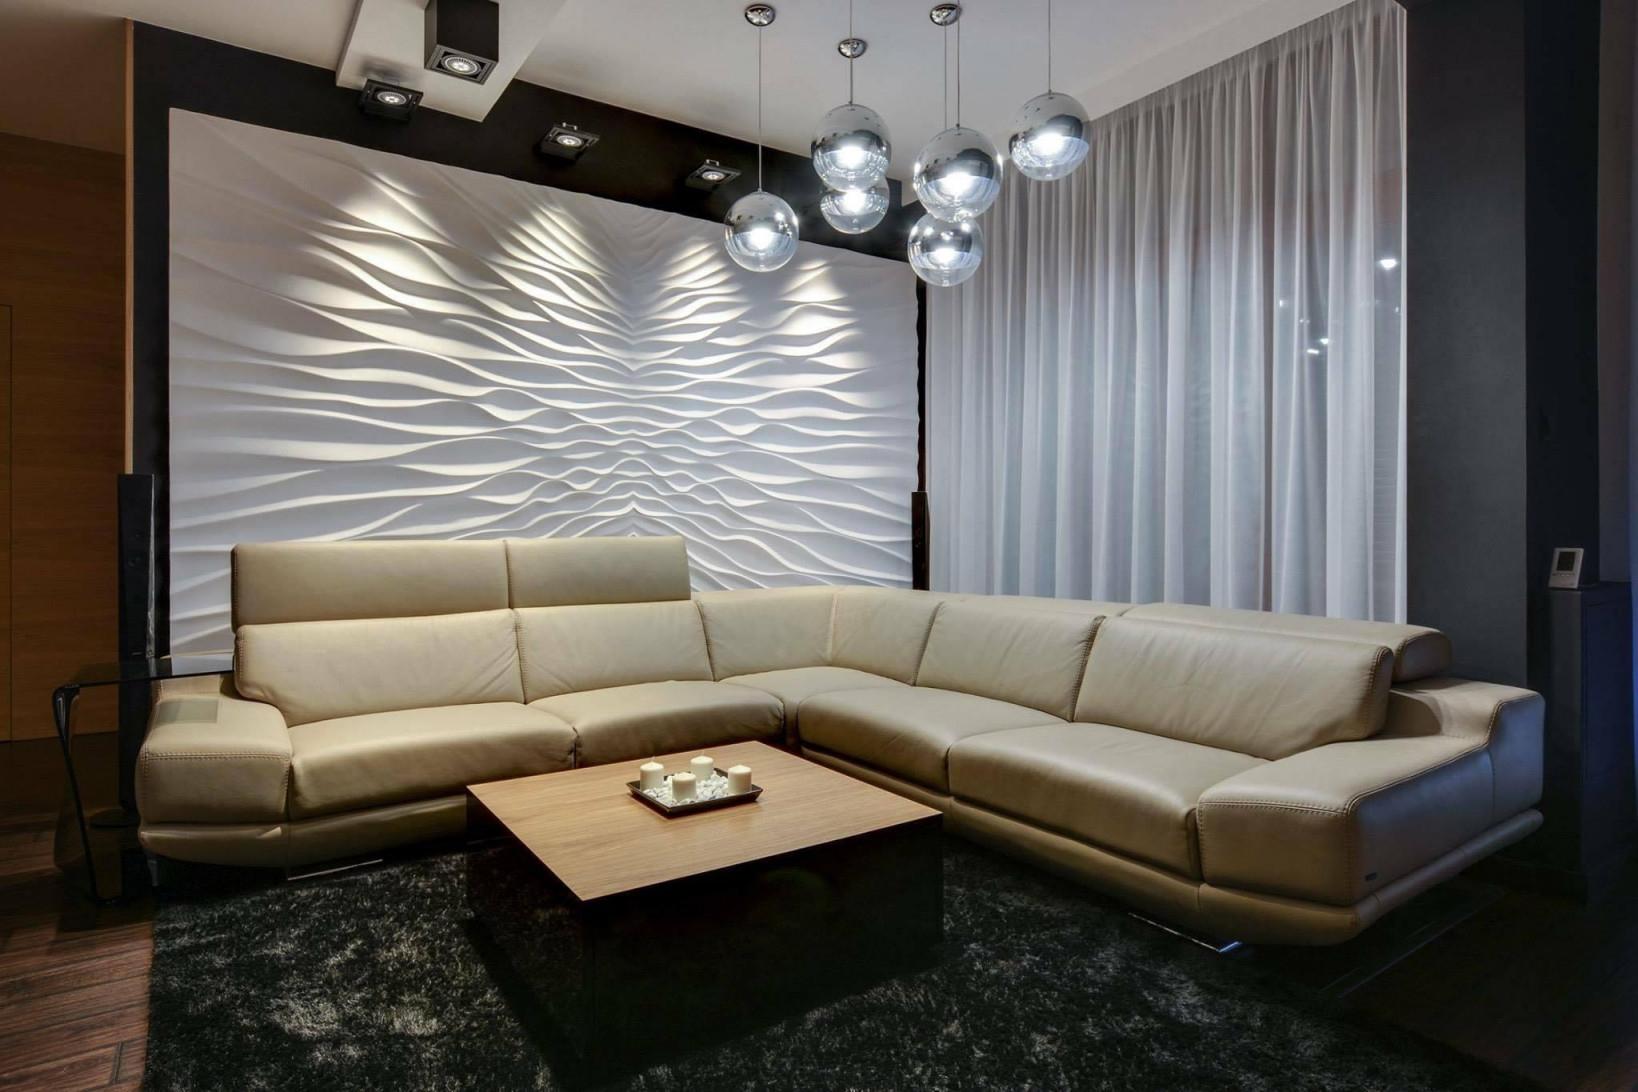 Wohnzimmer Wandgestaltung Die Schönsten Ideen von Wände Gestalten Wohnzimmer Bild